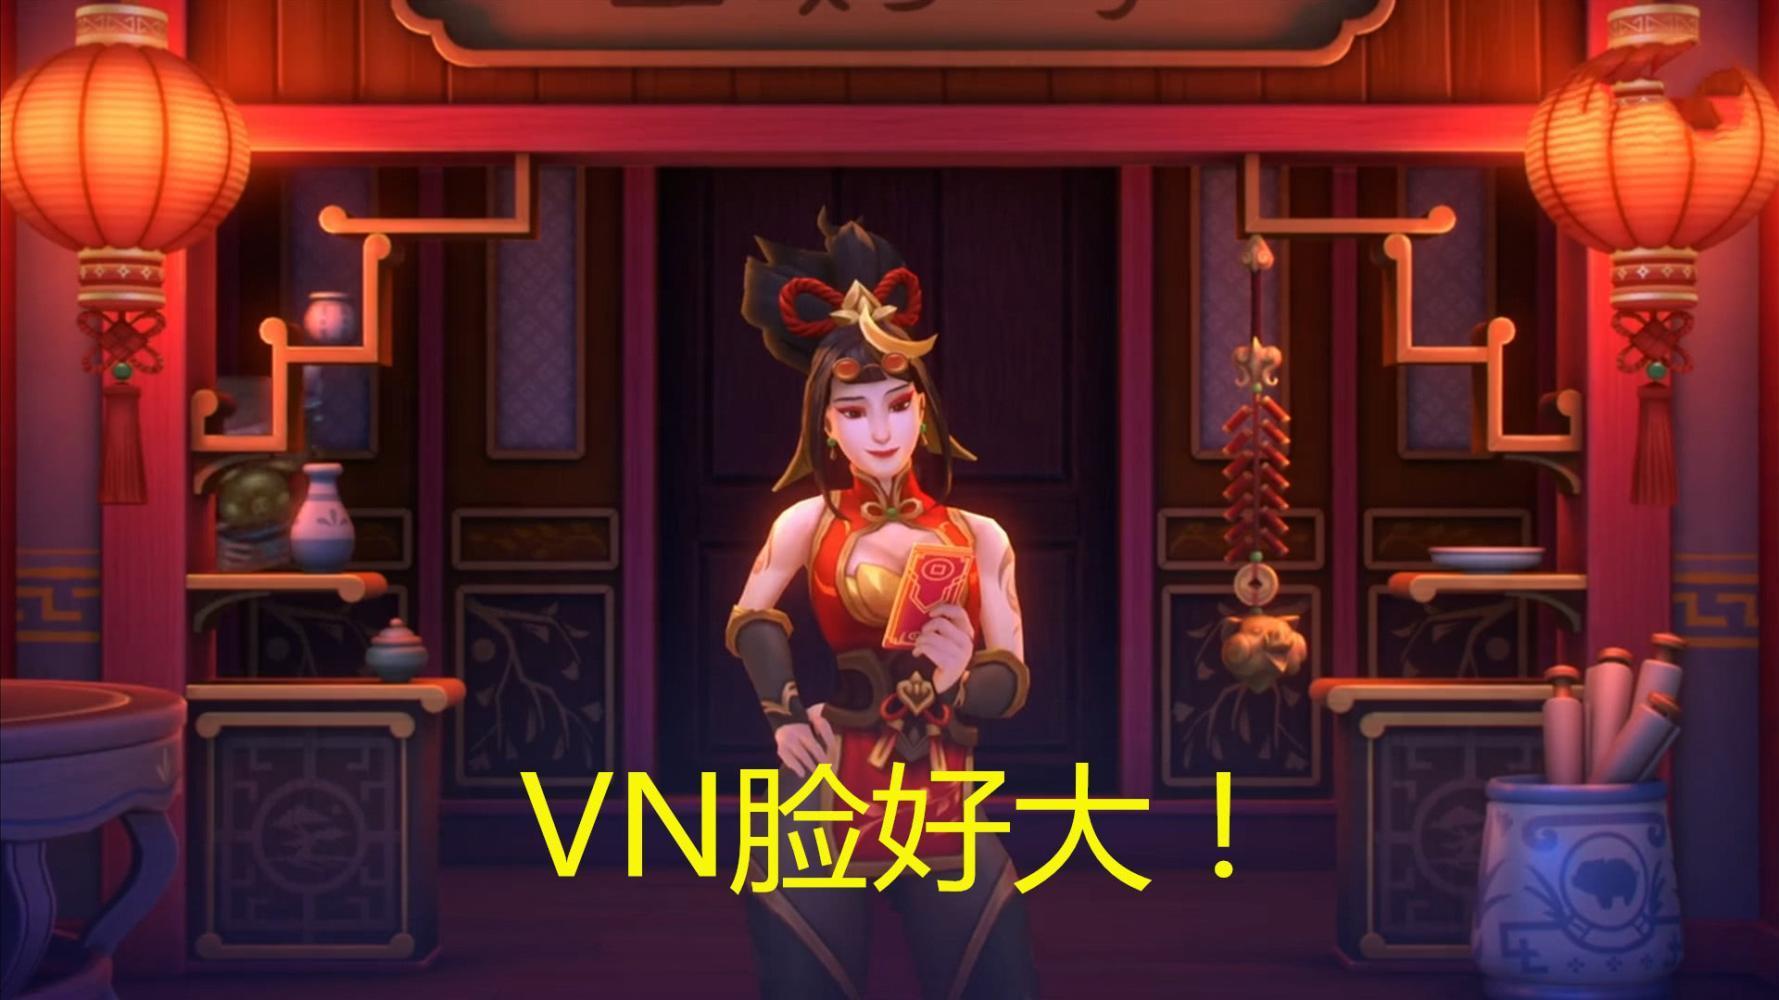 拳头发布猪年皮肤宣传片,vn脸比较大,网友 疯狂暗示uzi